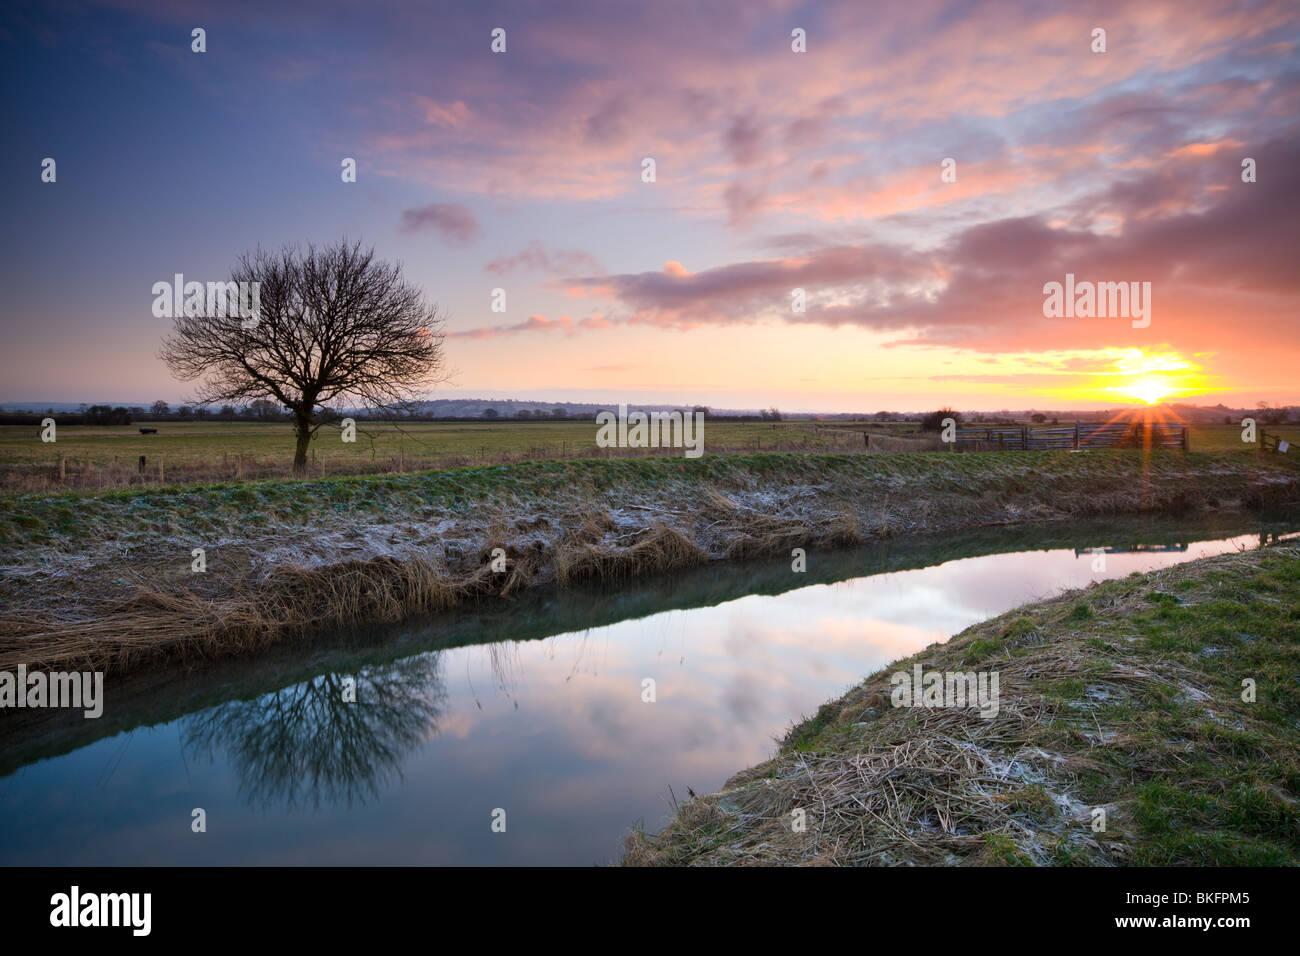 Alba sul fiume Brue sui livelli di Somerset, Glastonbury, Somerset, Inghilterra. Inverno (febbraio 2010). Immagini Stock